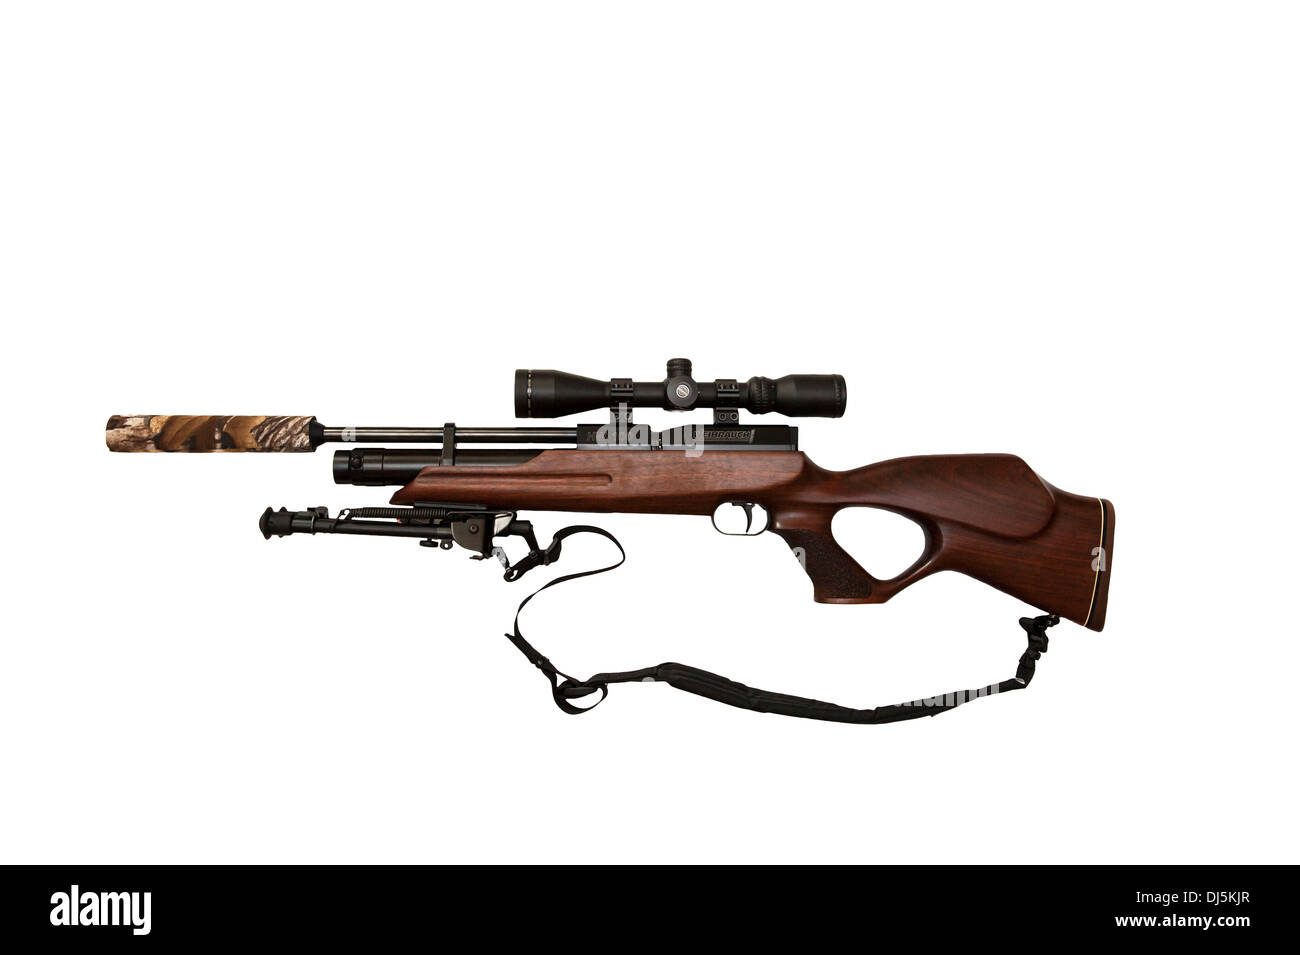 Ein Weihrauch HW 100 PCP vorgeladen pneumatische Luftgewehr mit Zielfernrohr und Zweibein montiert auf einem weißen Hintergrund Stockbild